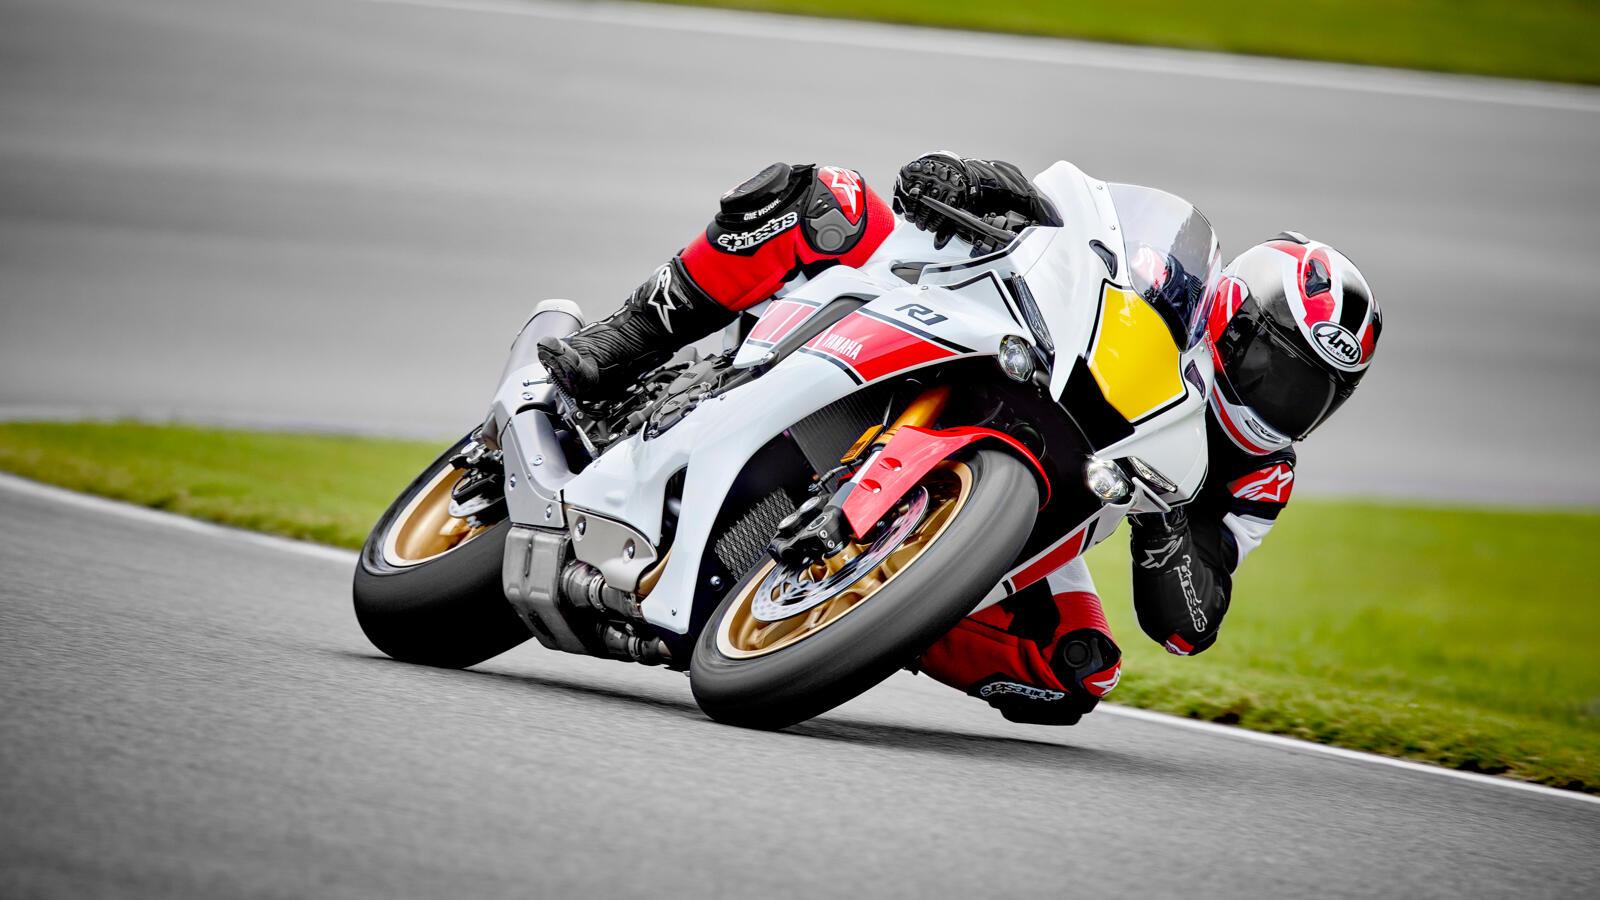 Die Sport-DNA ist der Yamaha YZF-R 1 anzusehen